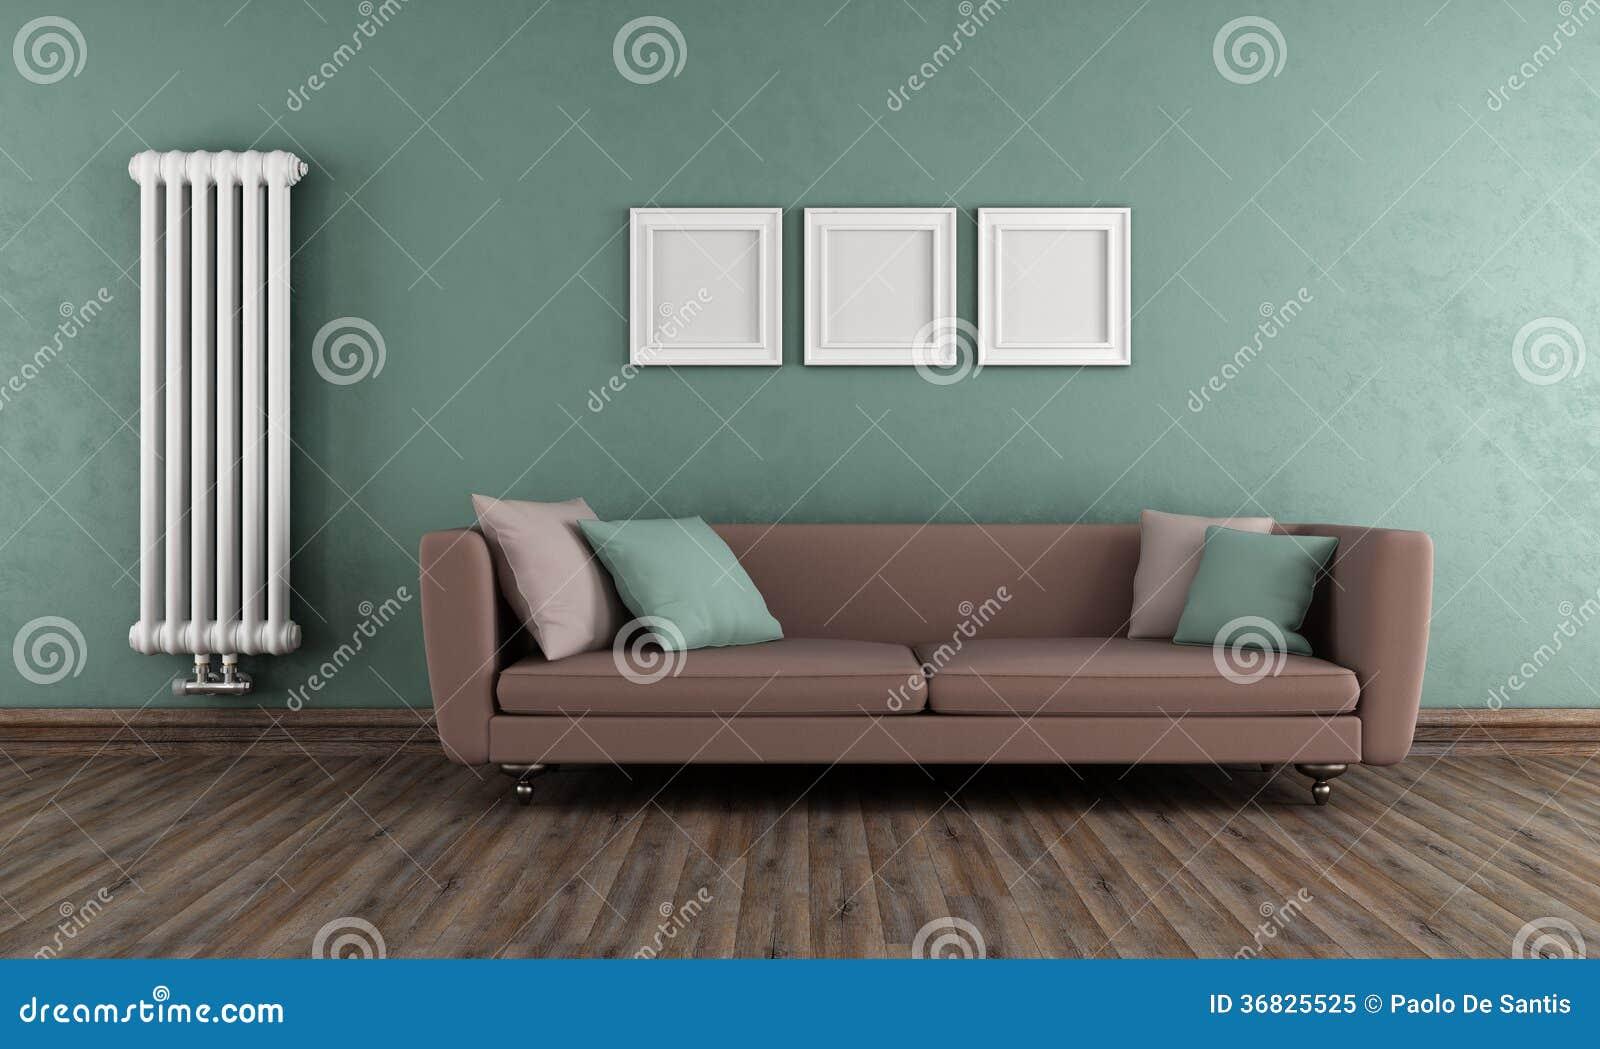 Sala de estar verde y marr n del vintage foto de archivo for Sala de estar marron